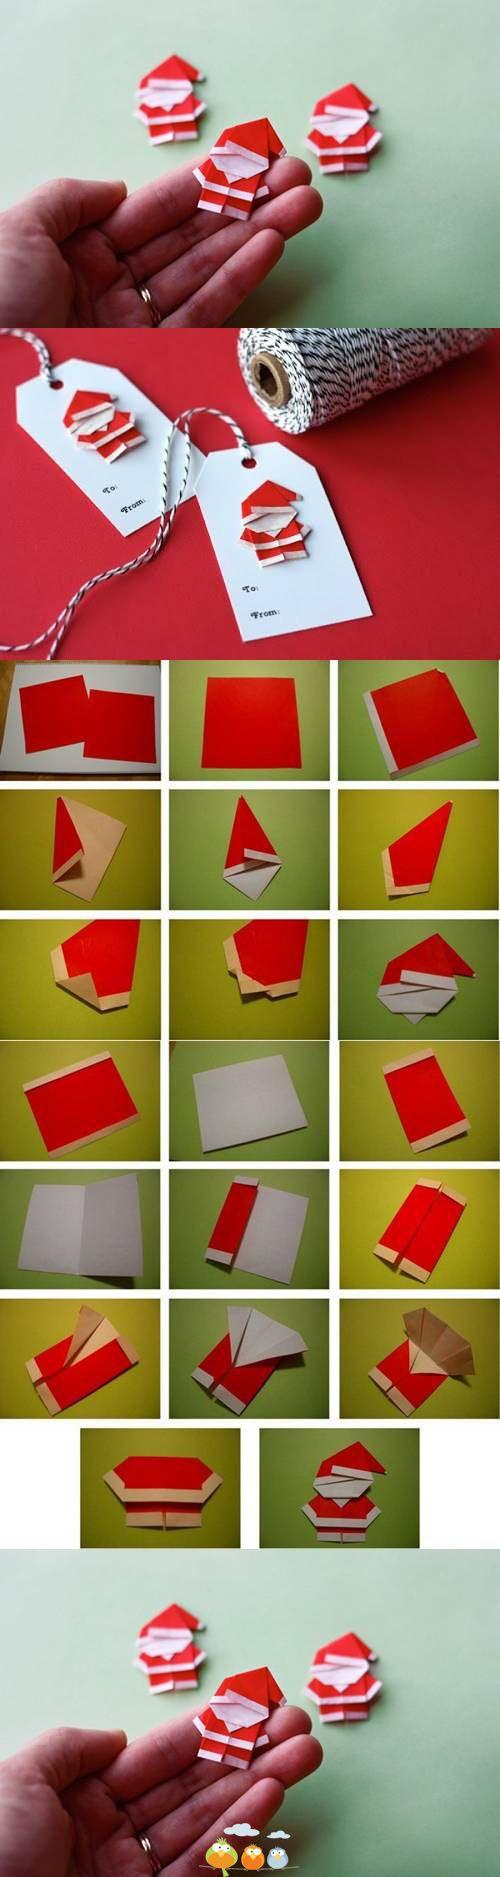 Weihnachten: origami weihnachtsmänner.